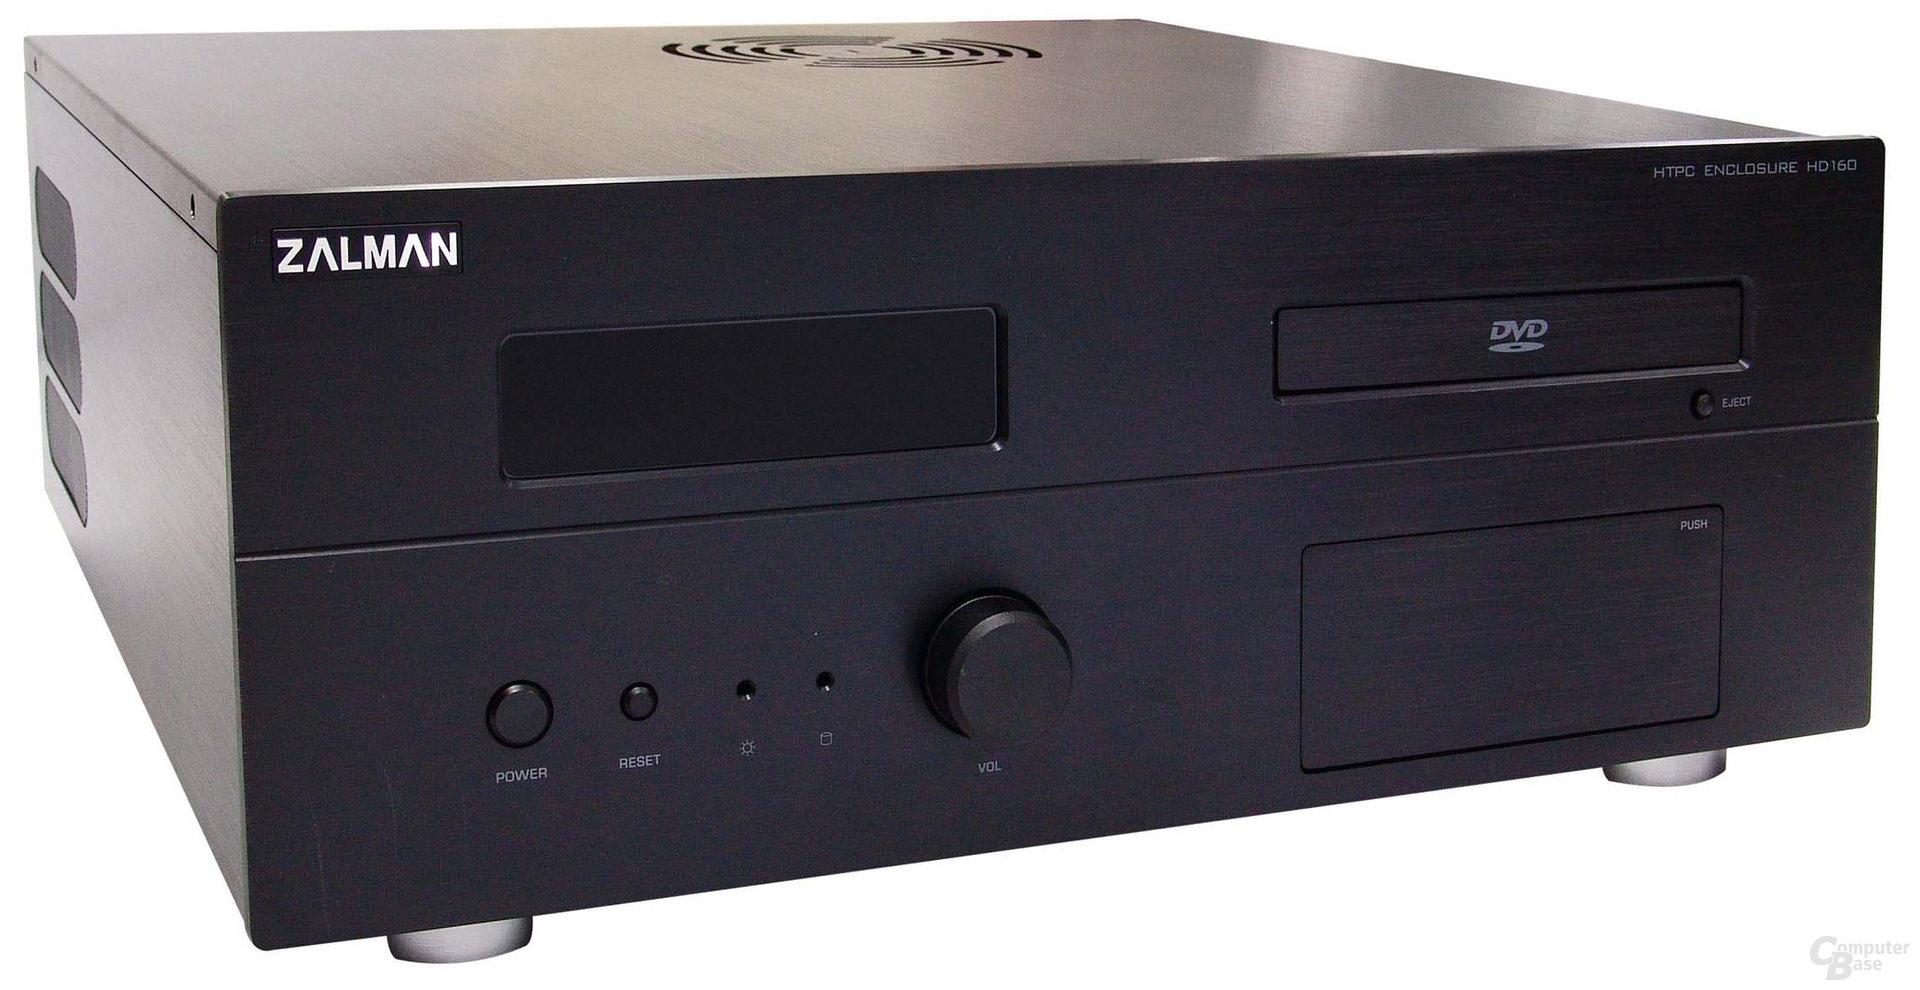 Zalman HD160